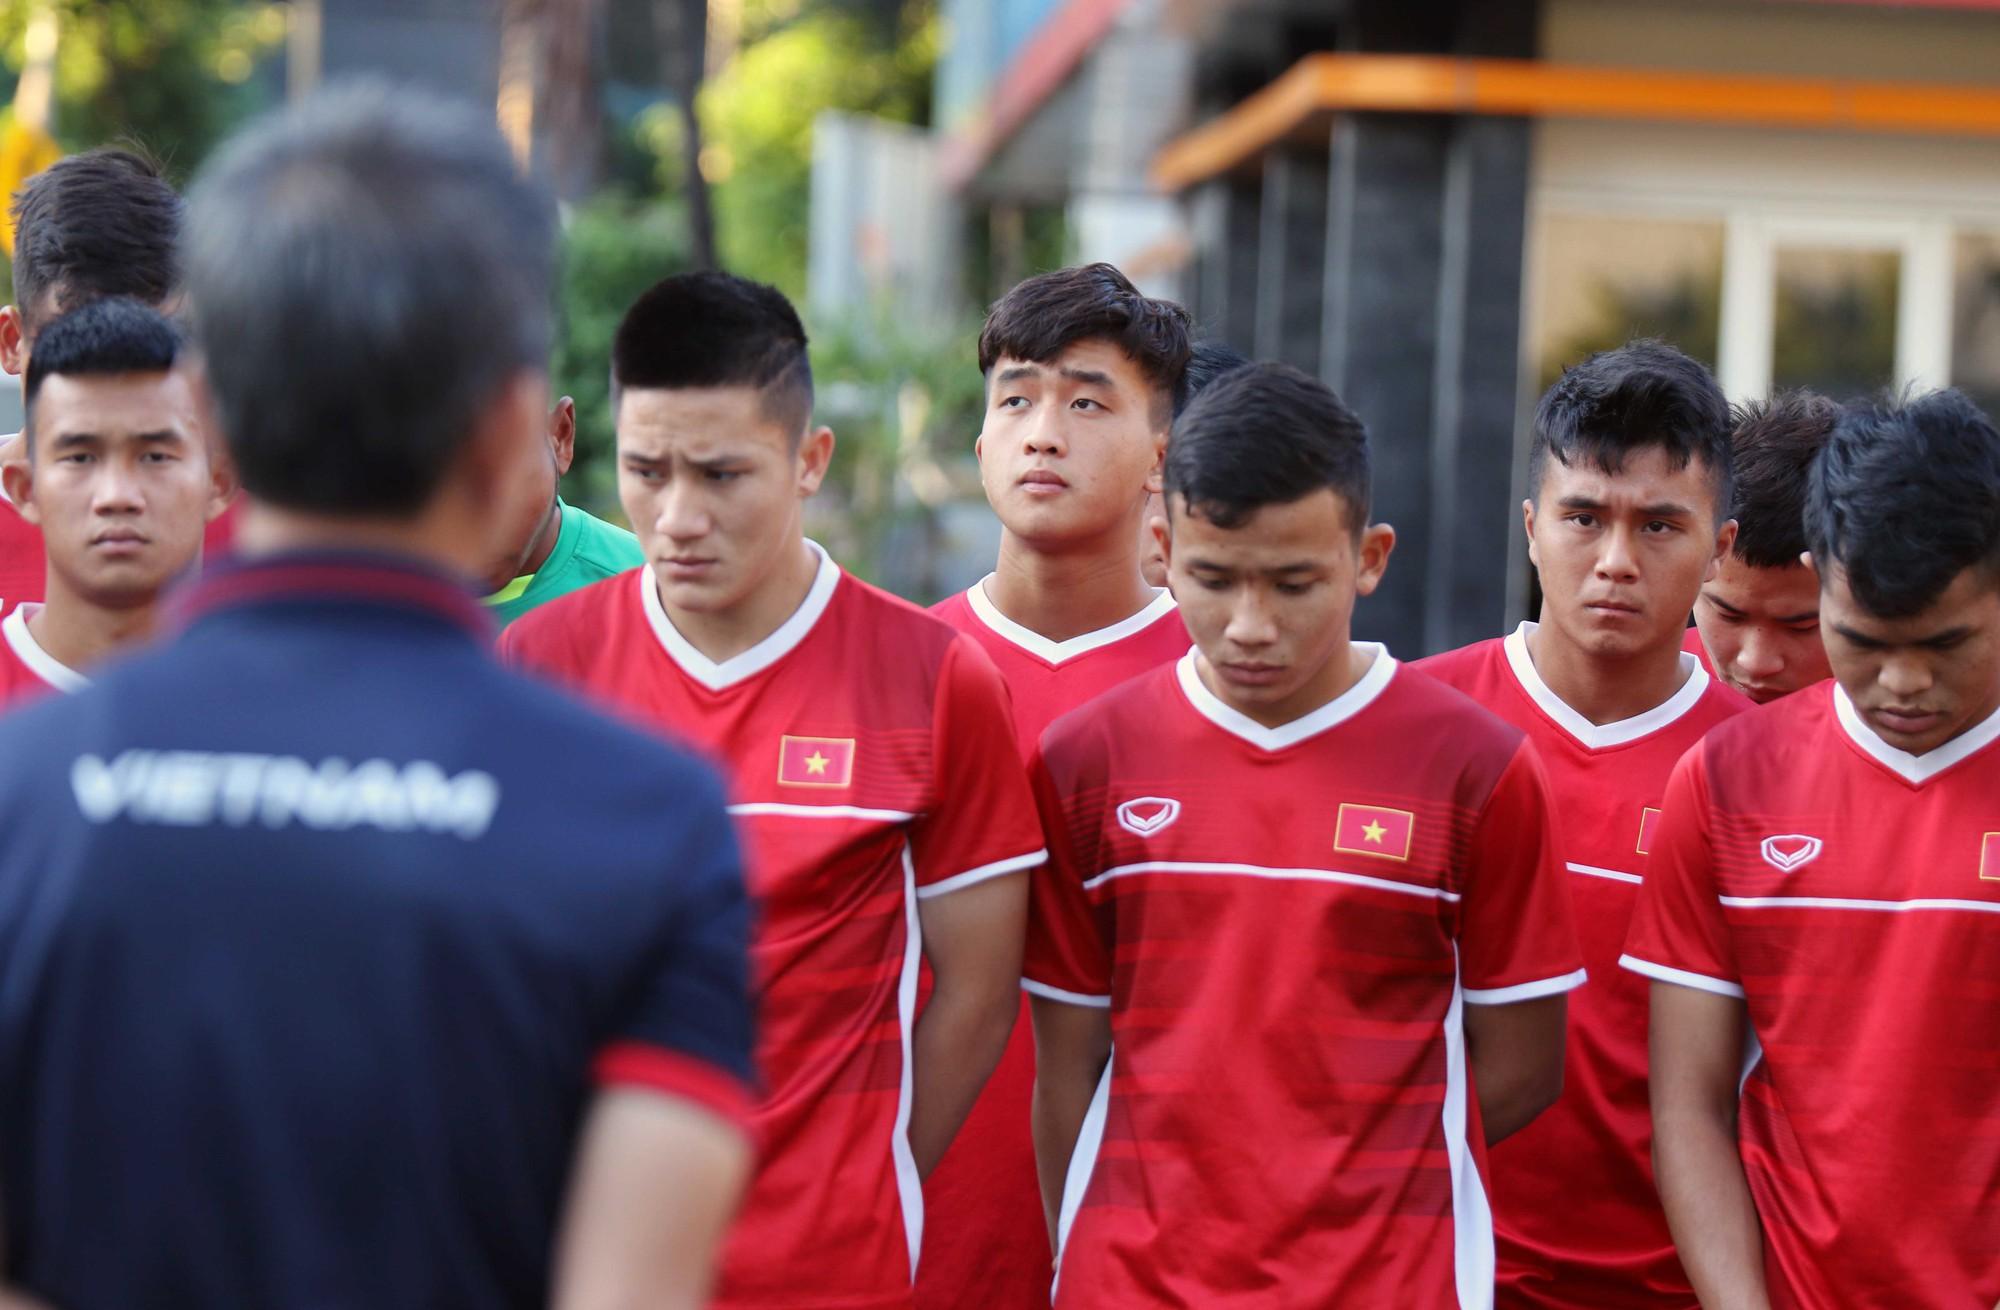 Đội chủ nhà làm khó U19 Việt Nam trước trận đấu quyết định - Ảnh 3.